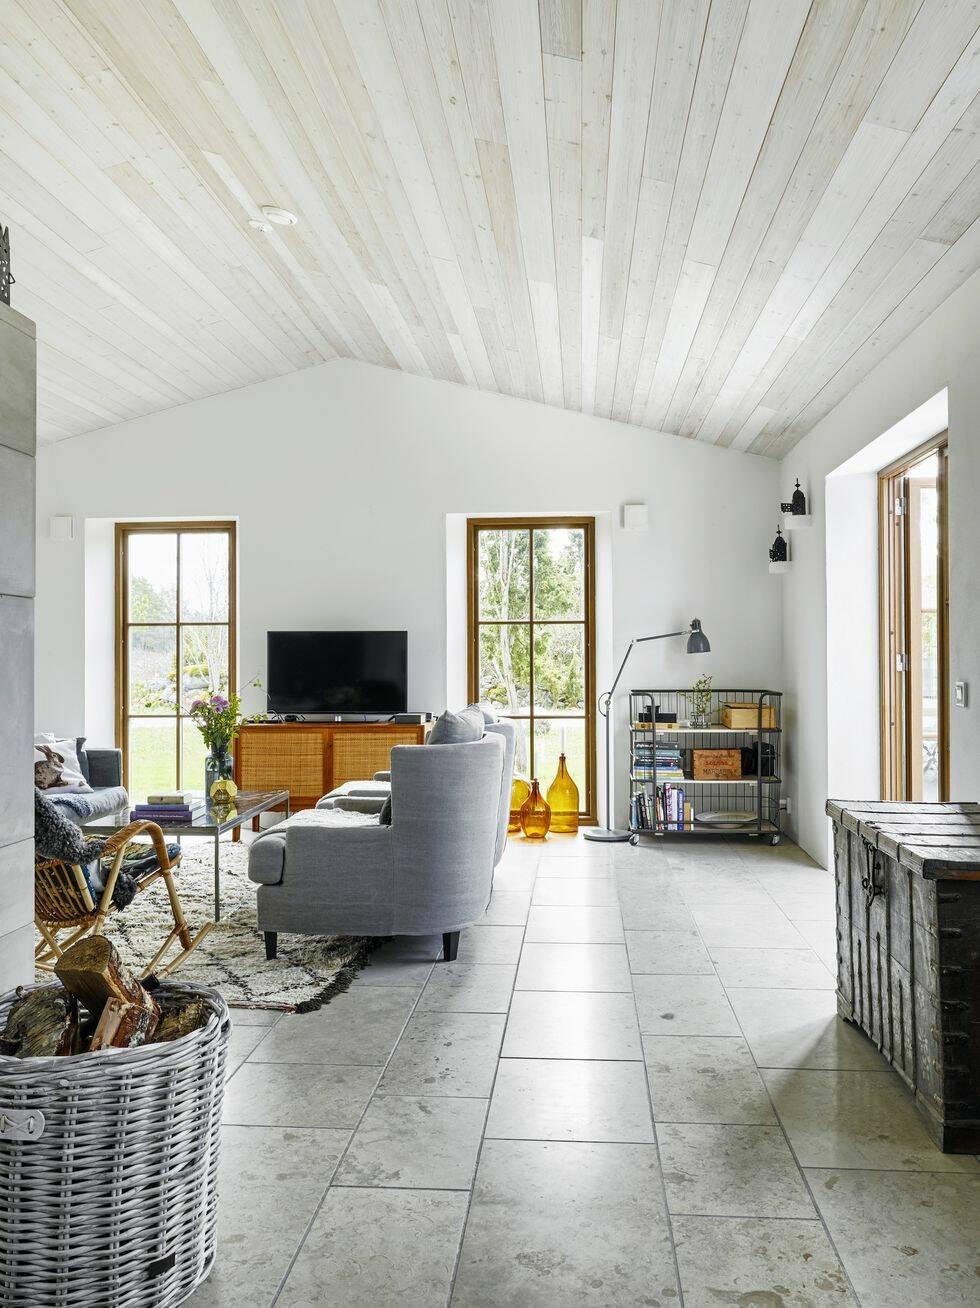 De uppfyllde drömmen om ett hus på Gotland – se de fantastiska bilderna!